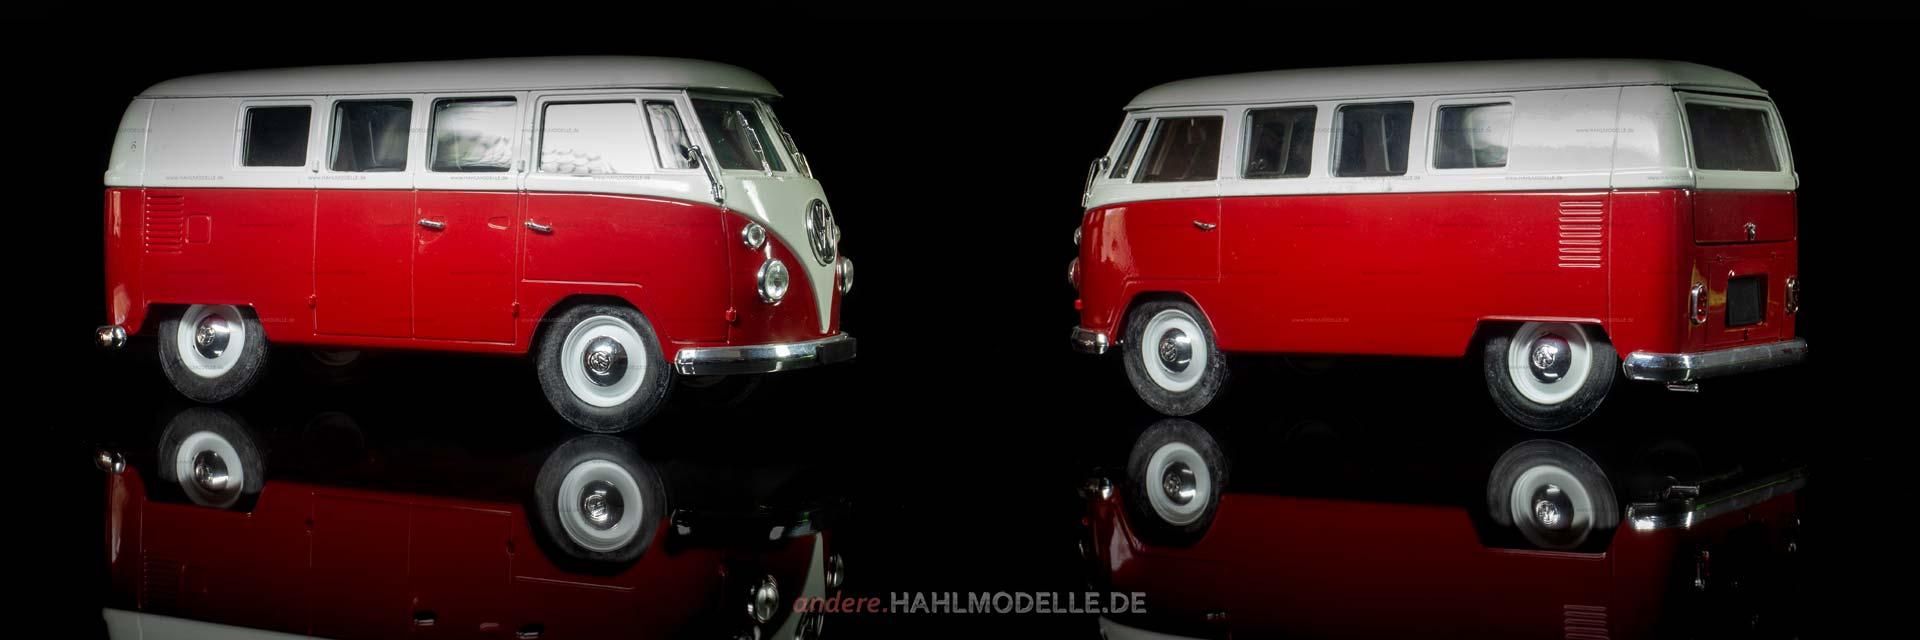 Volkswagen Bulli (Typ 2 T1) | Bus | Solido | 1:18 | www.andere.hahlmodelle.de